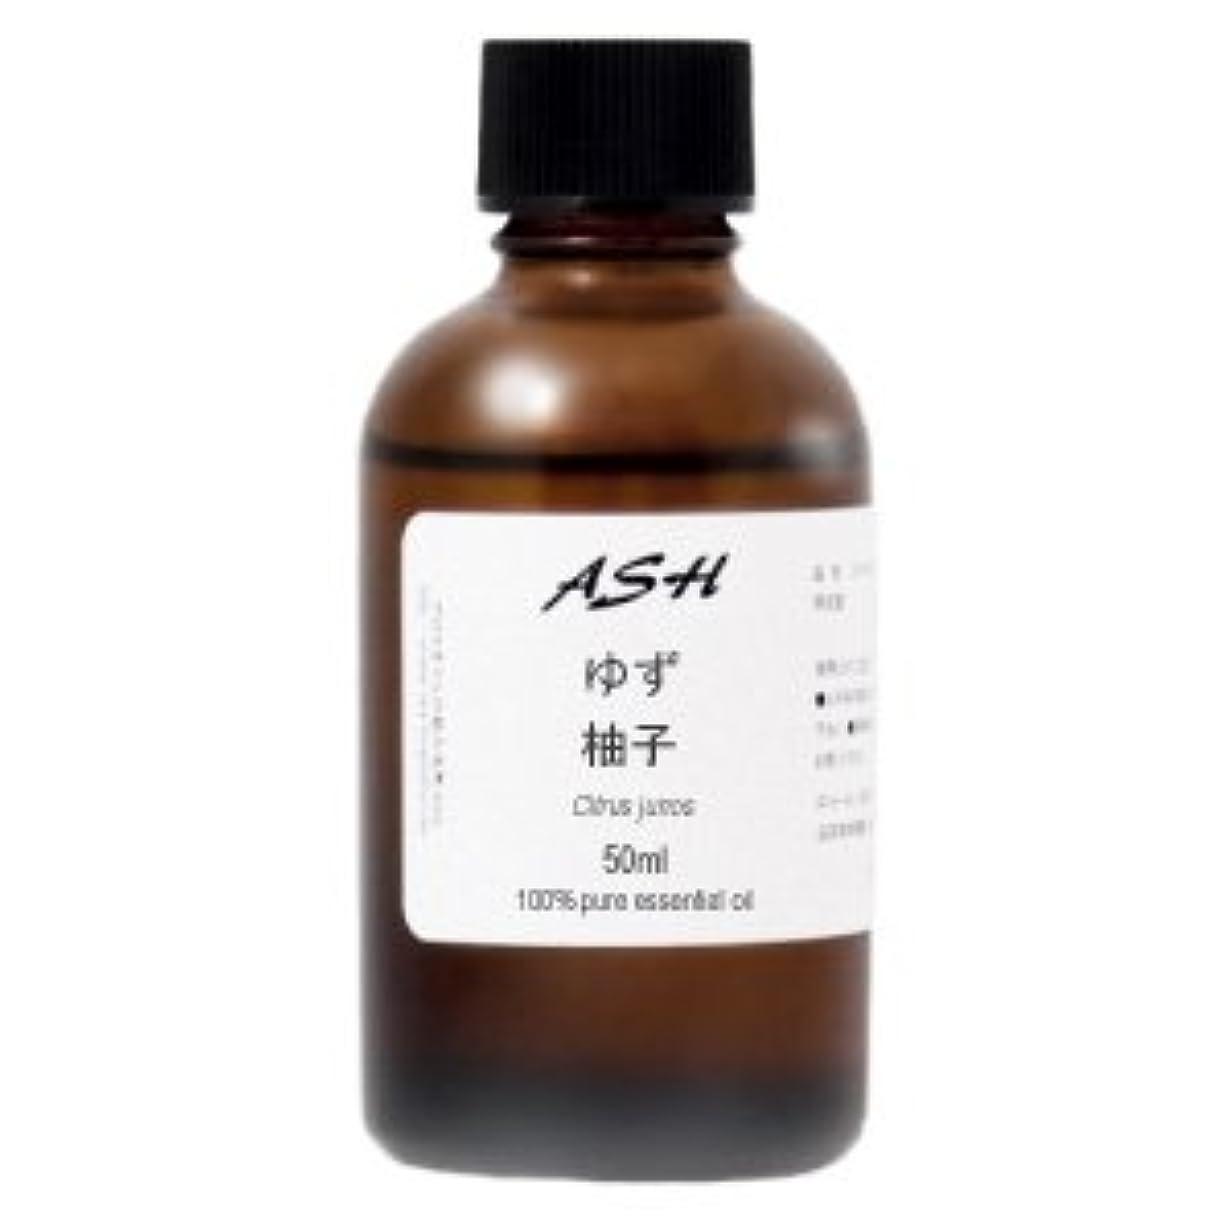 探す破産発火するASH 柚子 (ゆず) エッセンシャルオイル 50ml【和精油】【Yuzu Essential Oil-Japan】 AEAJ表示基準適合認定精油